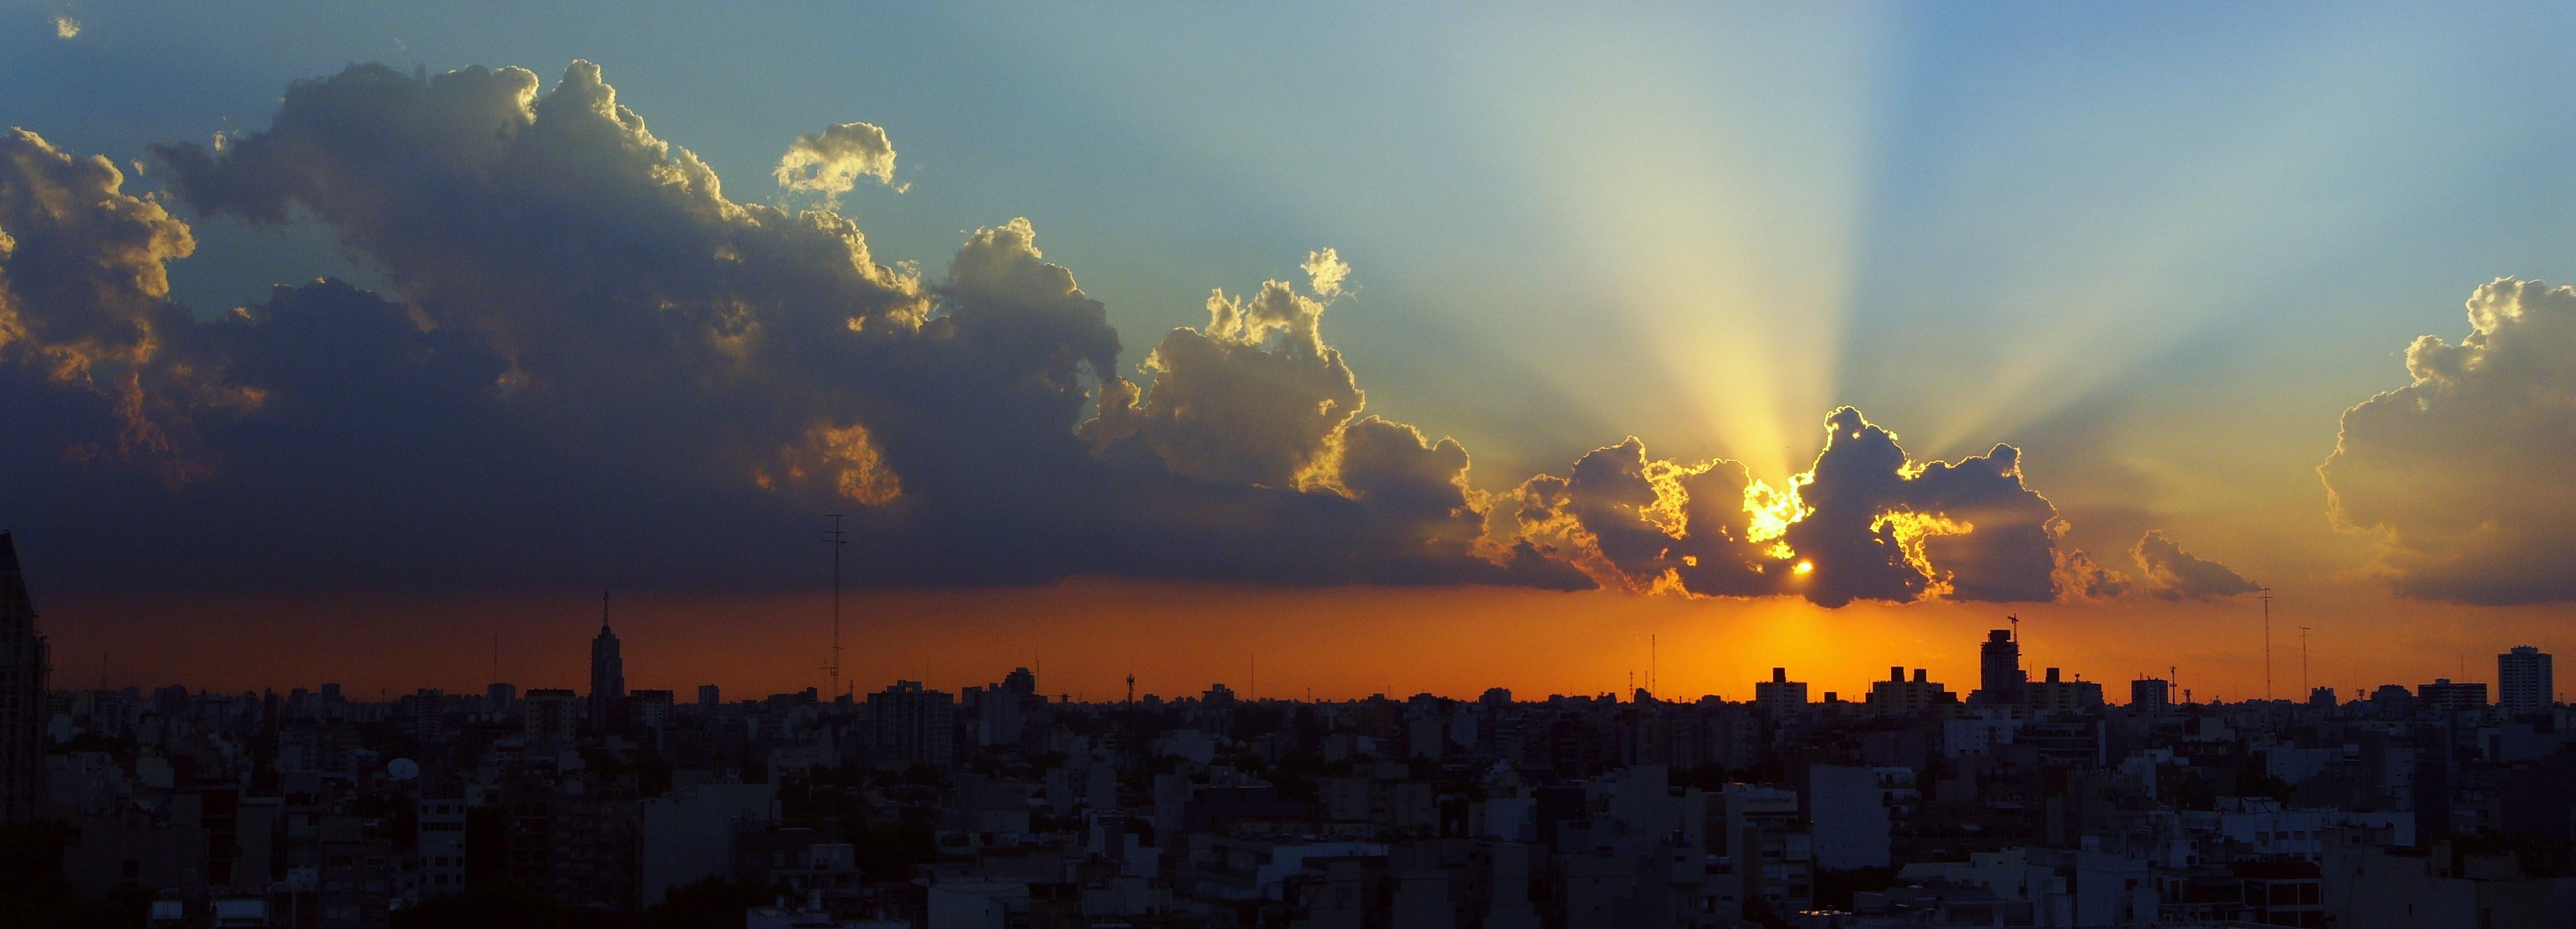 Ocaso en Buenos Aires by ddgcom